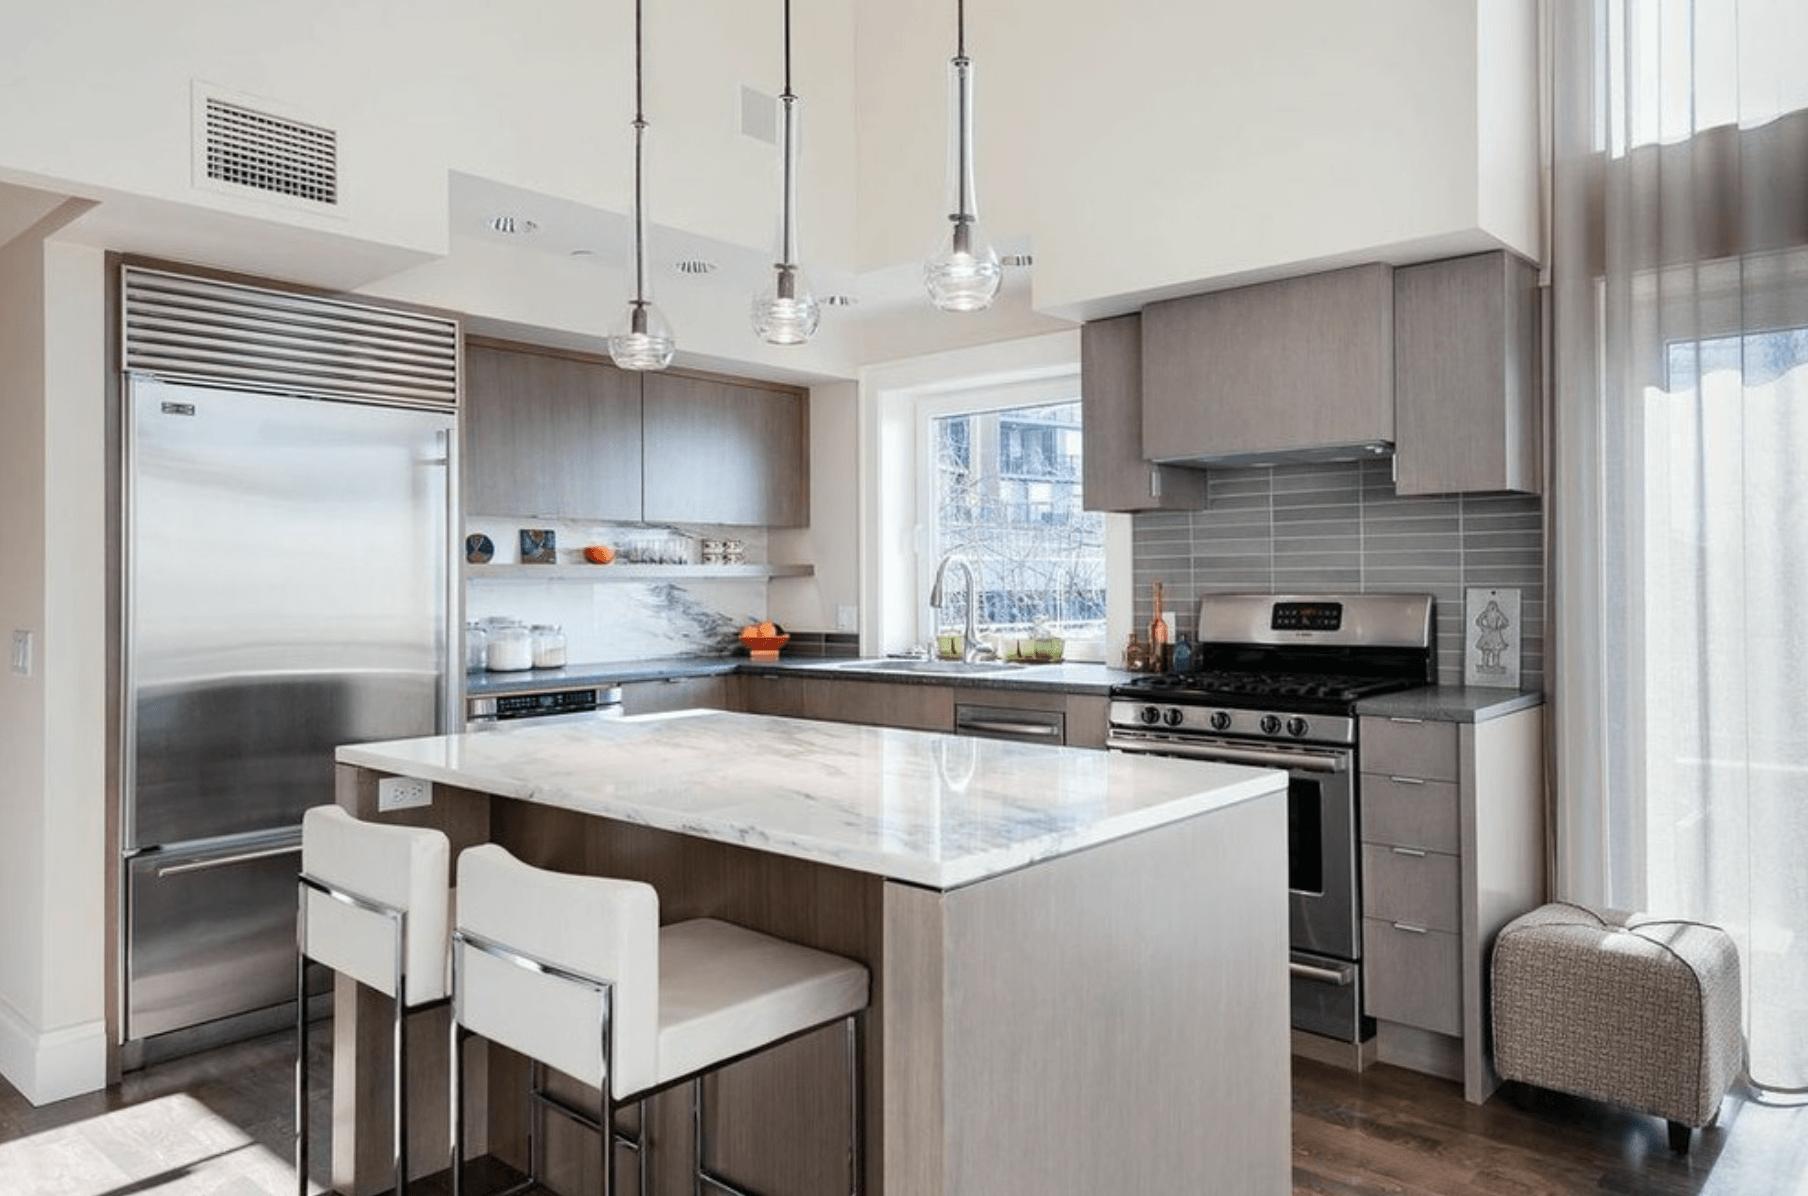 厨房橱柜颜色选择,哪种受欢迎?